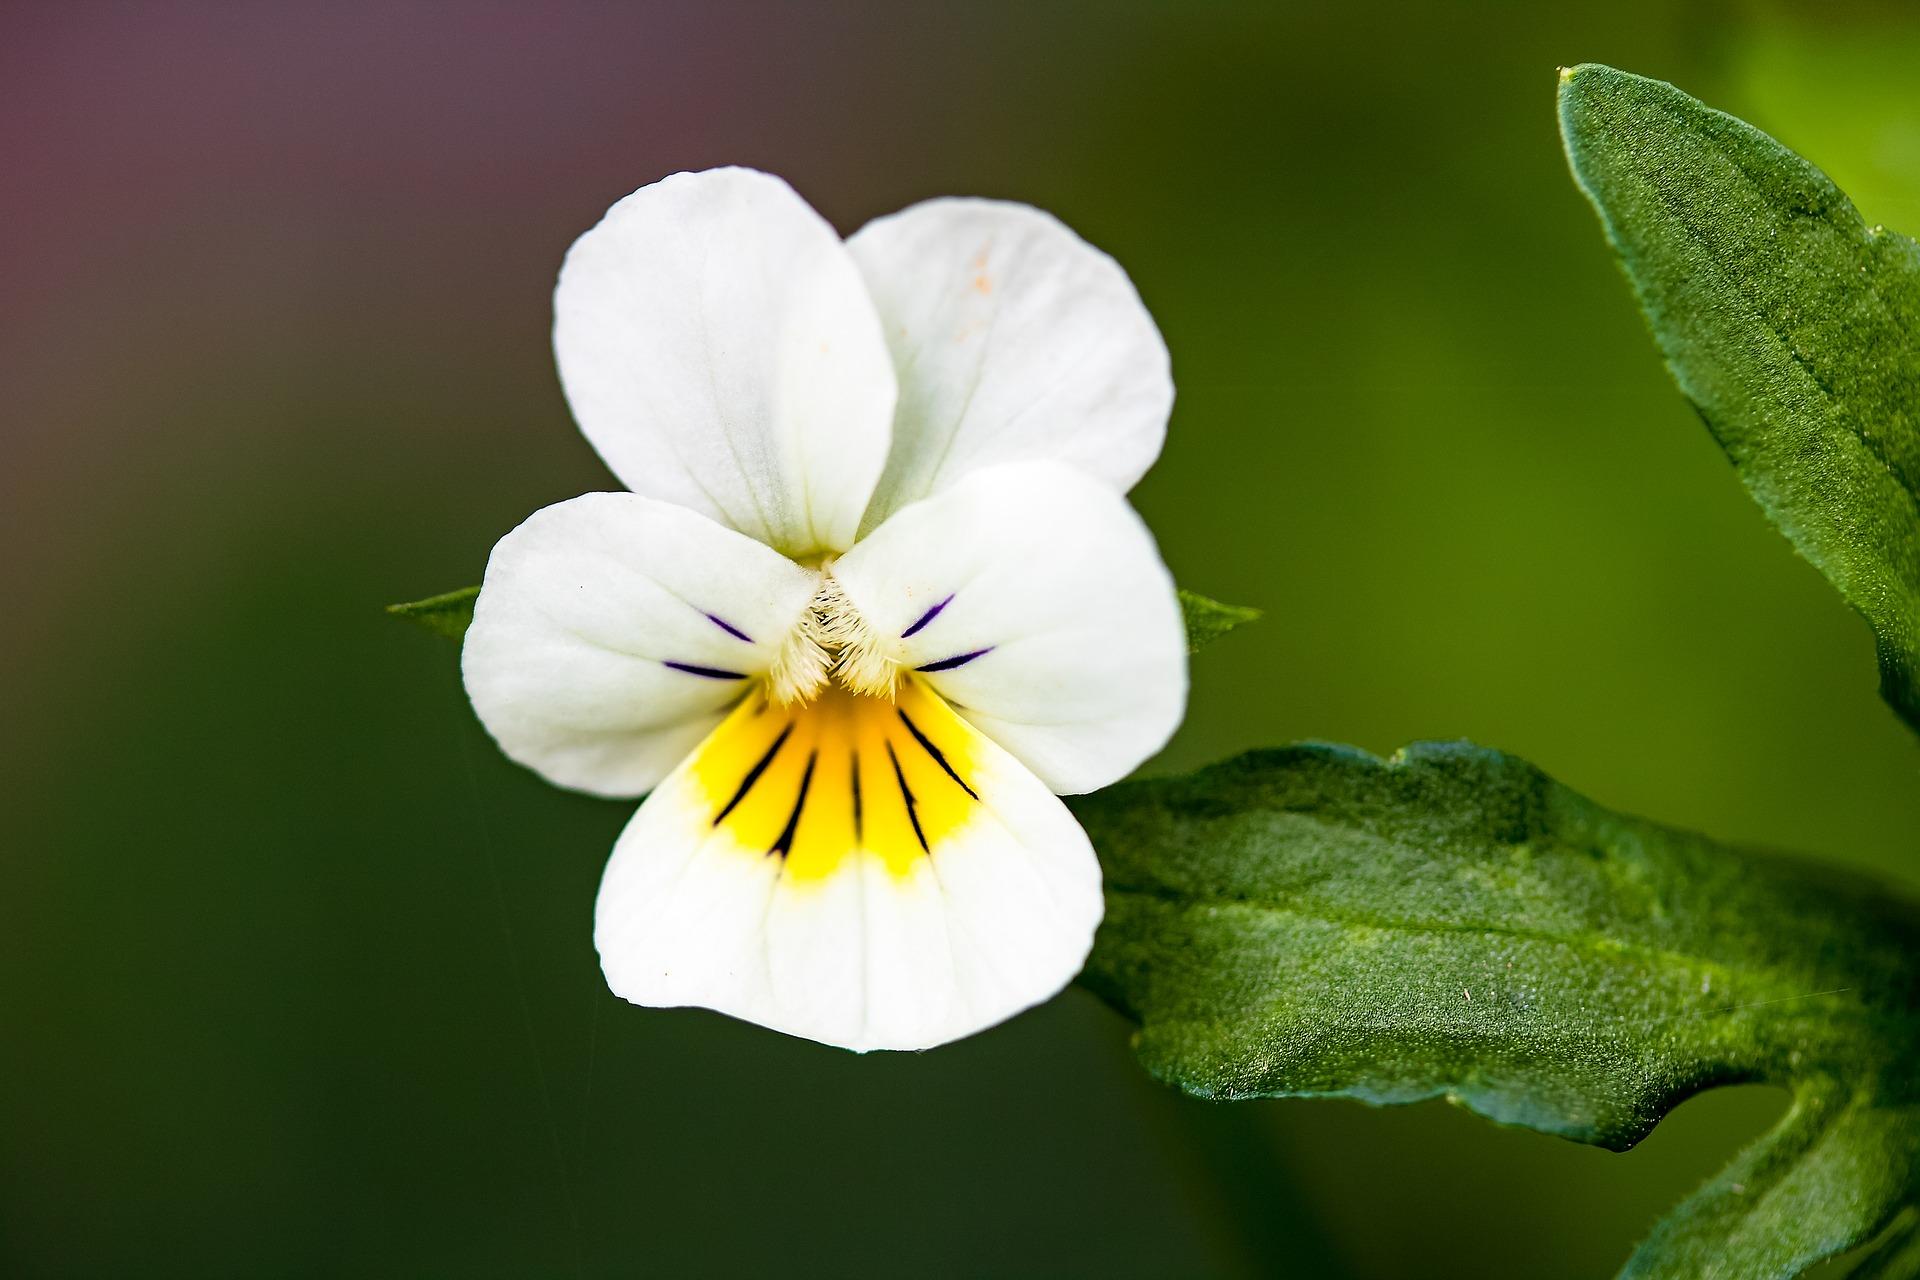 Pflanze des Monats: Acker-Veilchen - treuer Bienenbegleiter